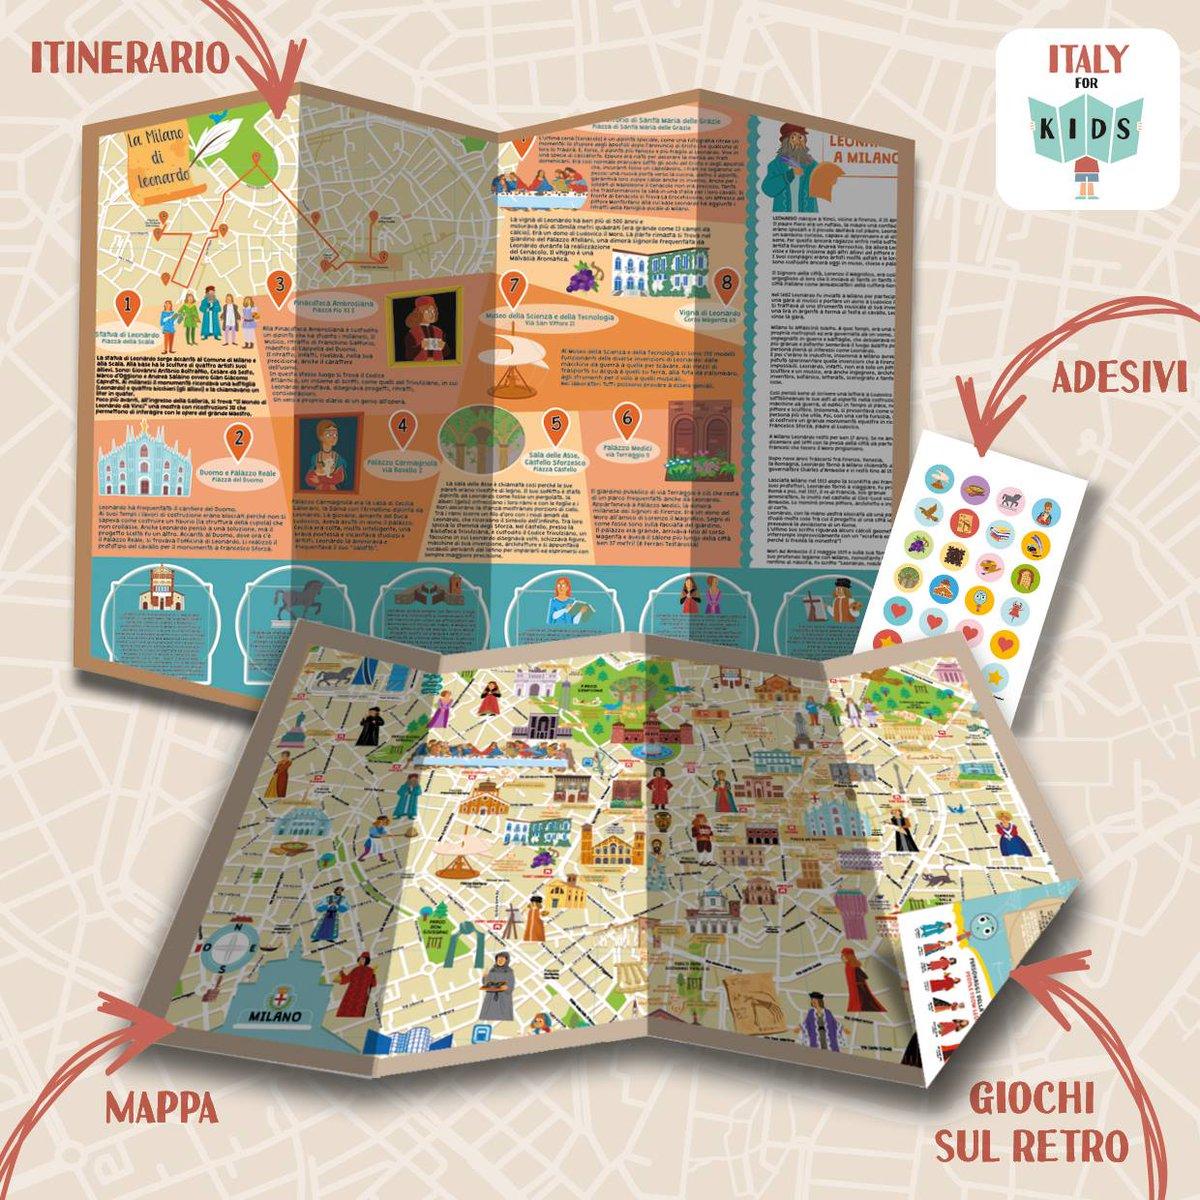 """test Twitter Media - La #mappa di #Milano dedicata a #Leonardo è in libreria: c'è la città, ci sono giochi, curiosità sul retro e gli adesivi. La novità è il """"secondo foglio"""" con un itinerario dedicato al genio rinascimentale. La mappa è disponibile anche sul nostro shop https://t.co/47QPPuyXHK https://t.co/ObjFsFisM4"""